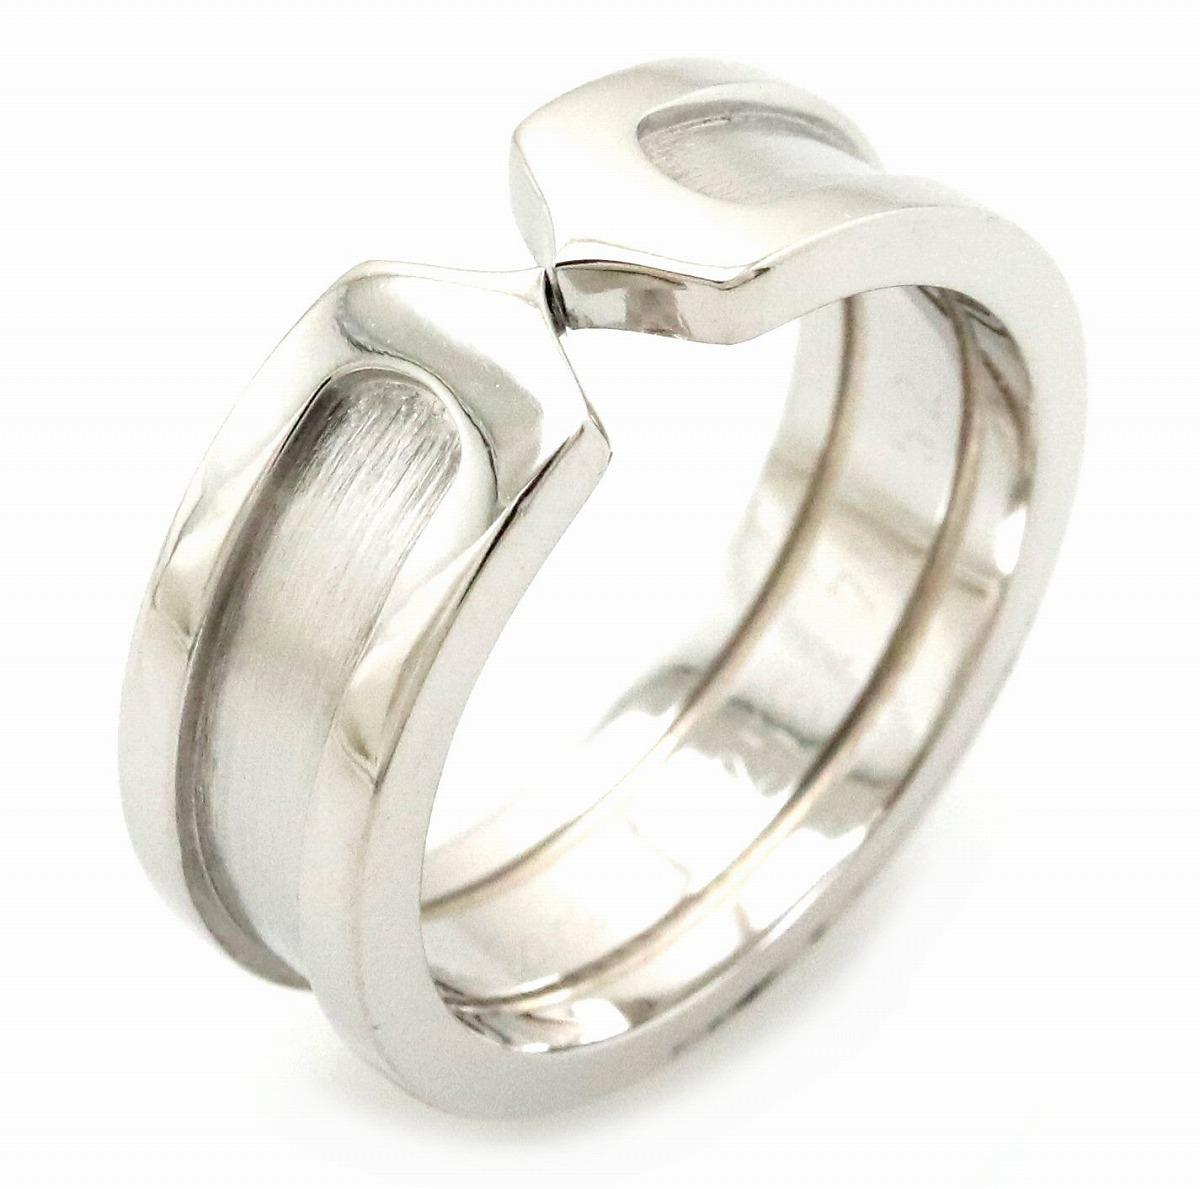 【ジュエリー】【新品仕上げ済】Cartier カルティエ 2C ロゴ モチーフ C2リング SM 指輪 K18WG ホワイトゴールド 12号 #52 B4040500 【中古】【s】